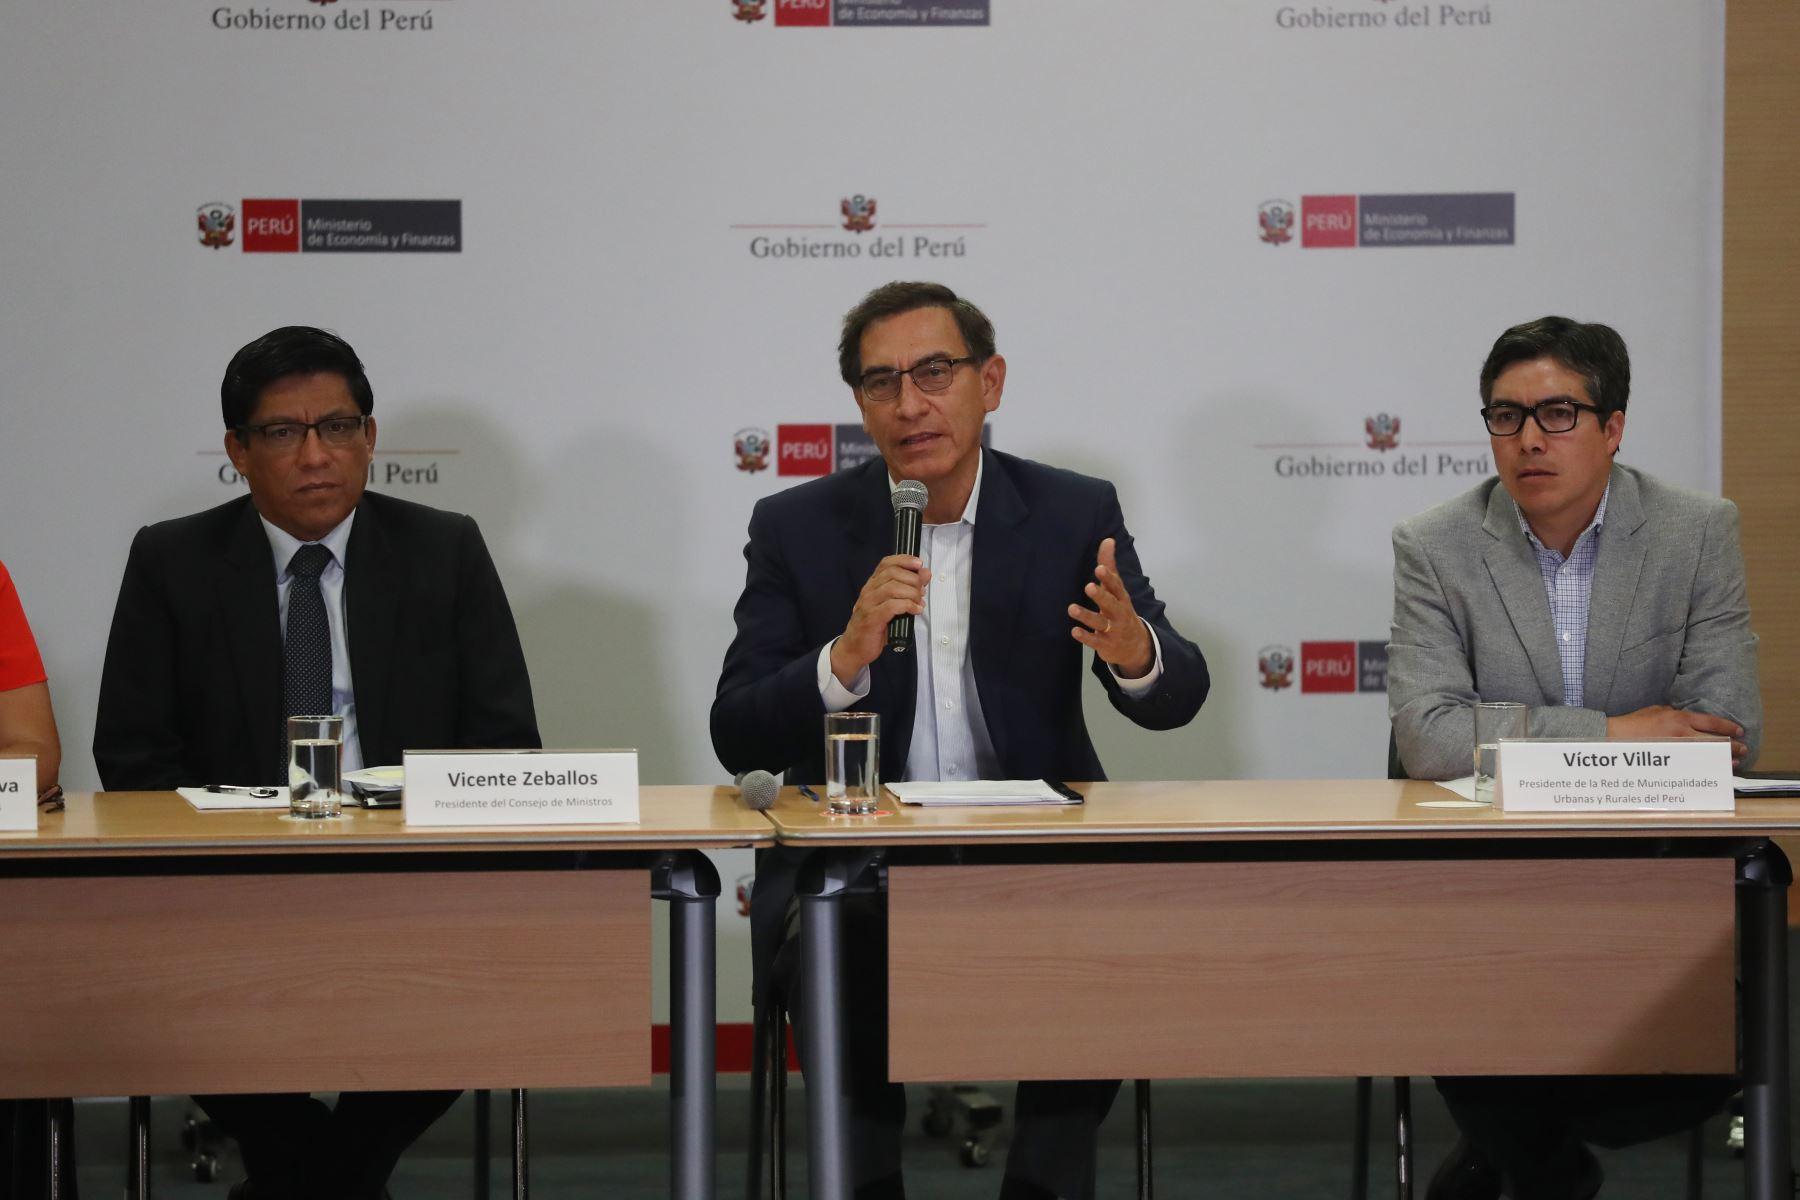 Presidente Martin Vizcarra se reúne con los integrantes de la Red de Municipalidades Urbanas y Rurales del Perú REMURPE en mesas técnicas de trabajo donde se darán a conocer las metas de ejecución presupuestal de inversiones. Foto: ANDINA/Melina Mejía